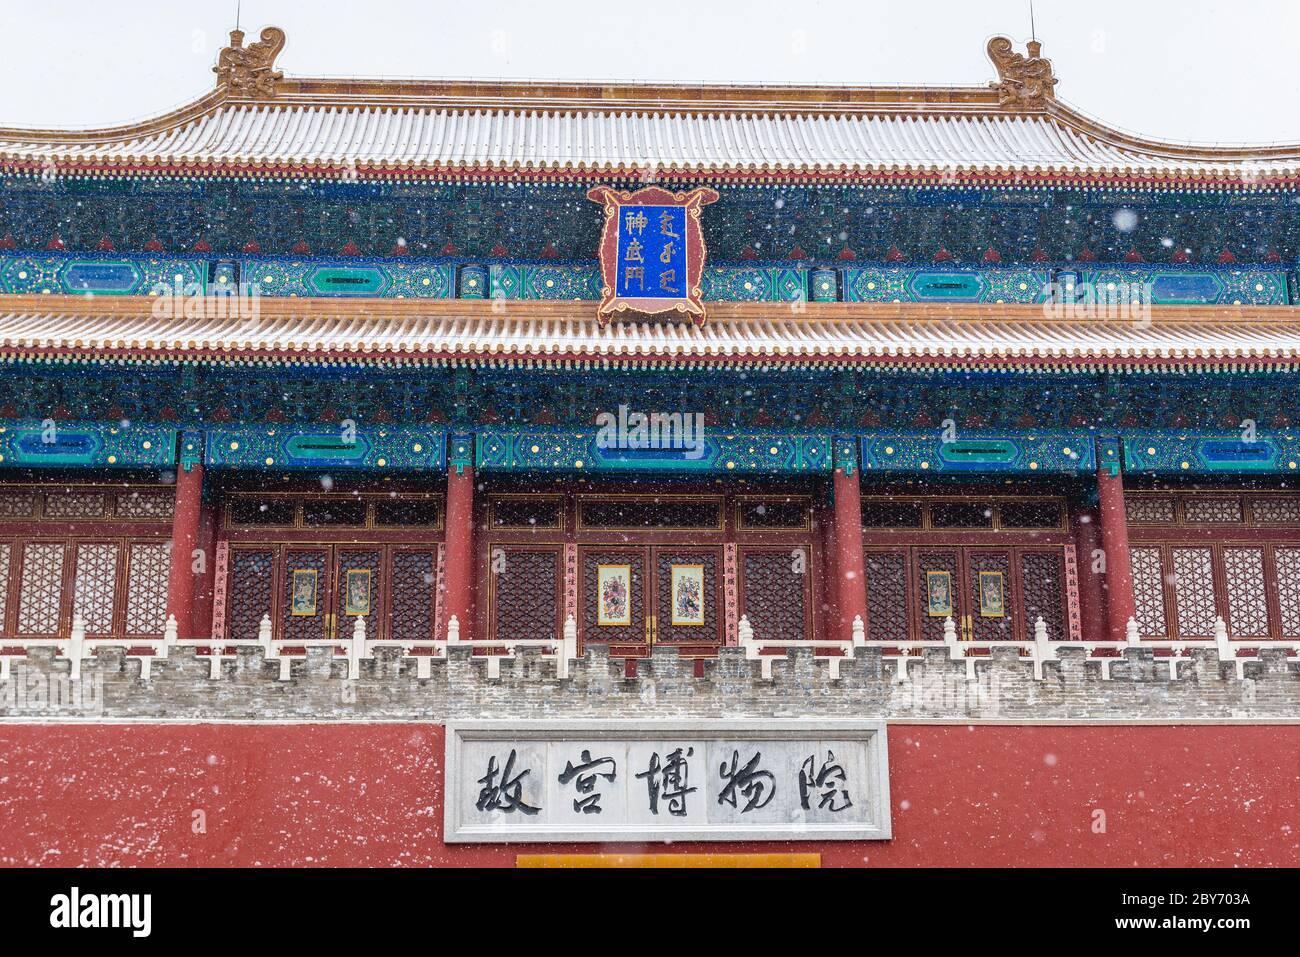 Shenwumen - Tor der göttlichen Fähigkeiten auch Tor der göttlichen Macht genannt - nördliches Tor des Palastkomplexes der Verbotenen Stadt in Peking, China Stockfoto